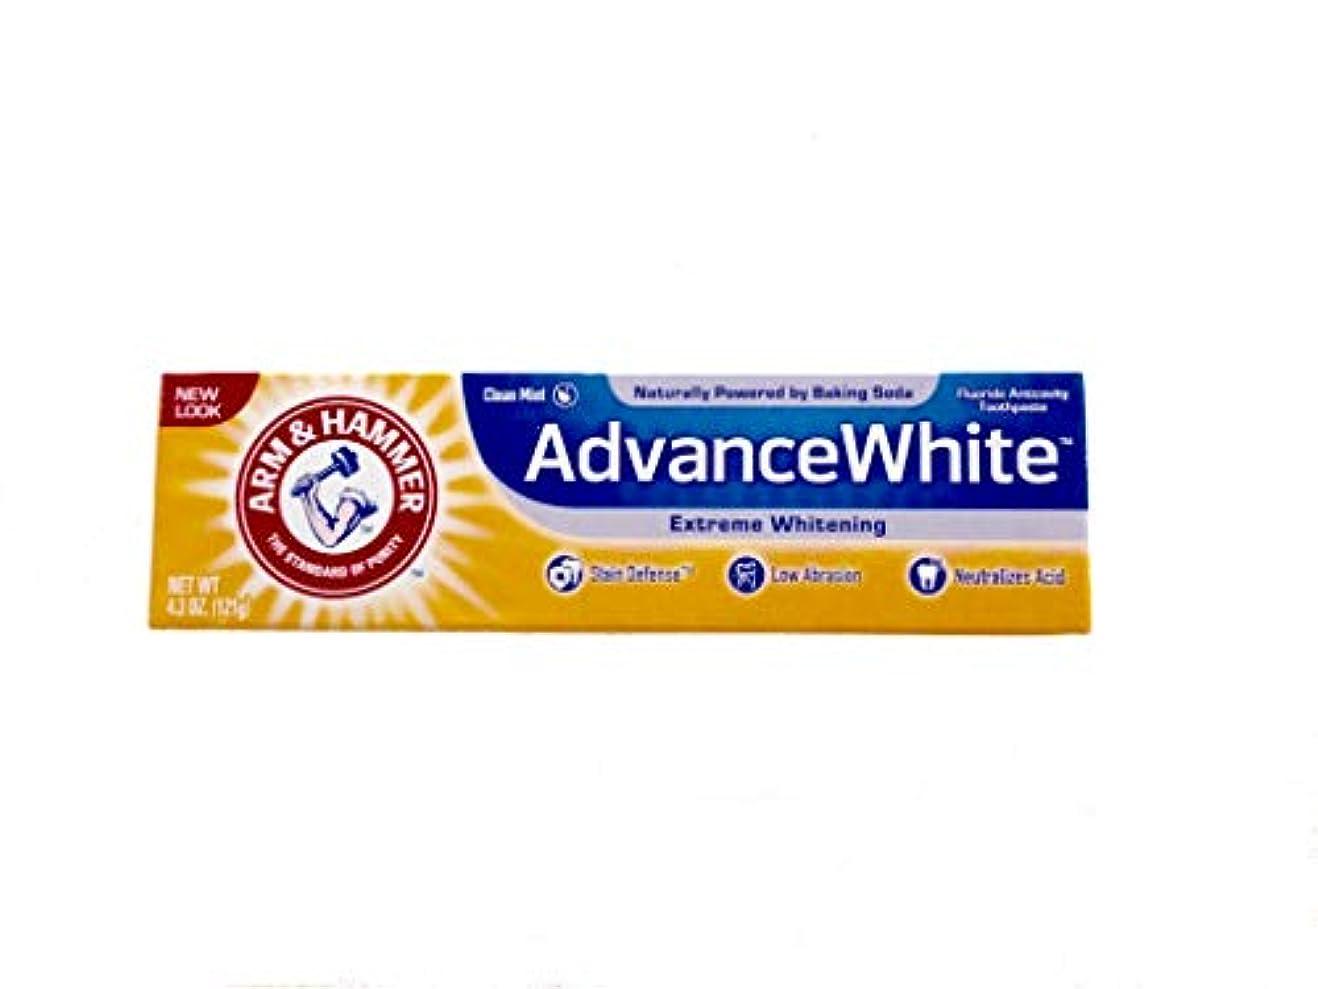 戦争ありがたい非アクティブArm & Hammer Advance White Fluoride Anti-Cavity Toothpaste with Baking Soda & Peroxide - 4.3 oz by Arm & Hammer...